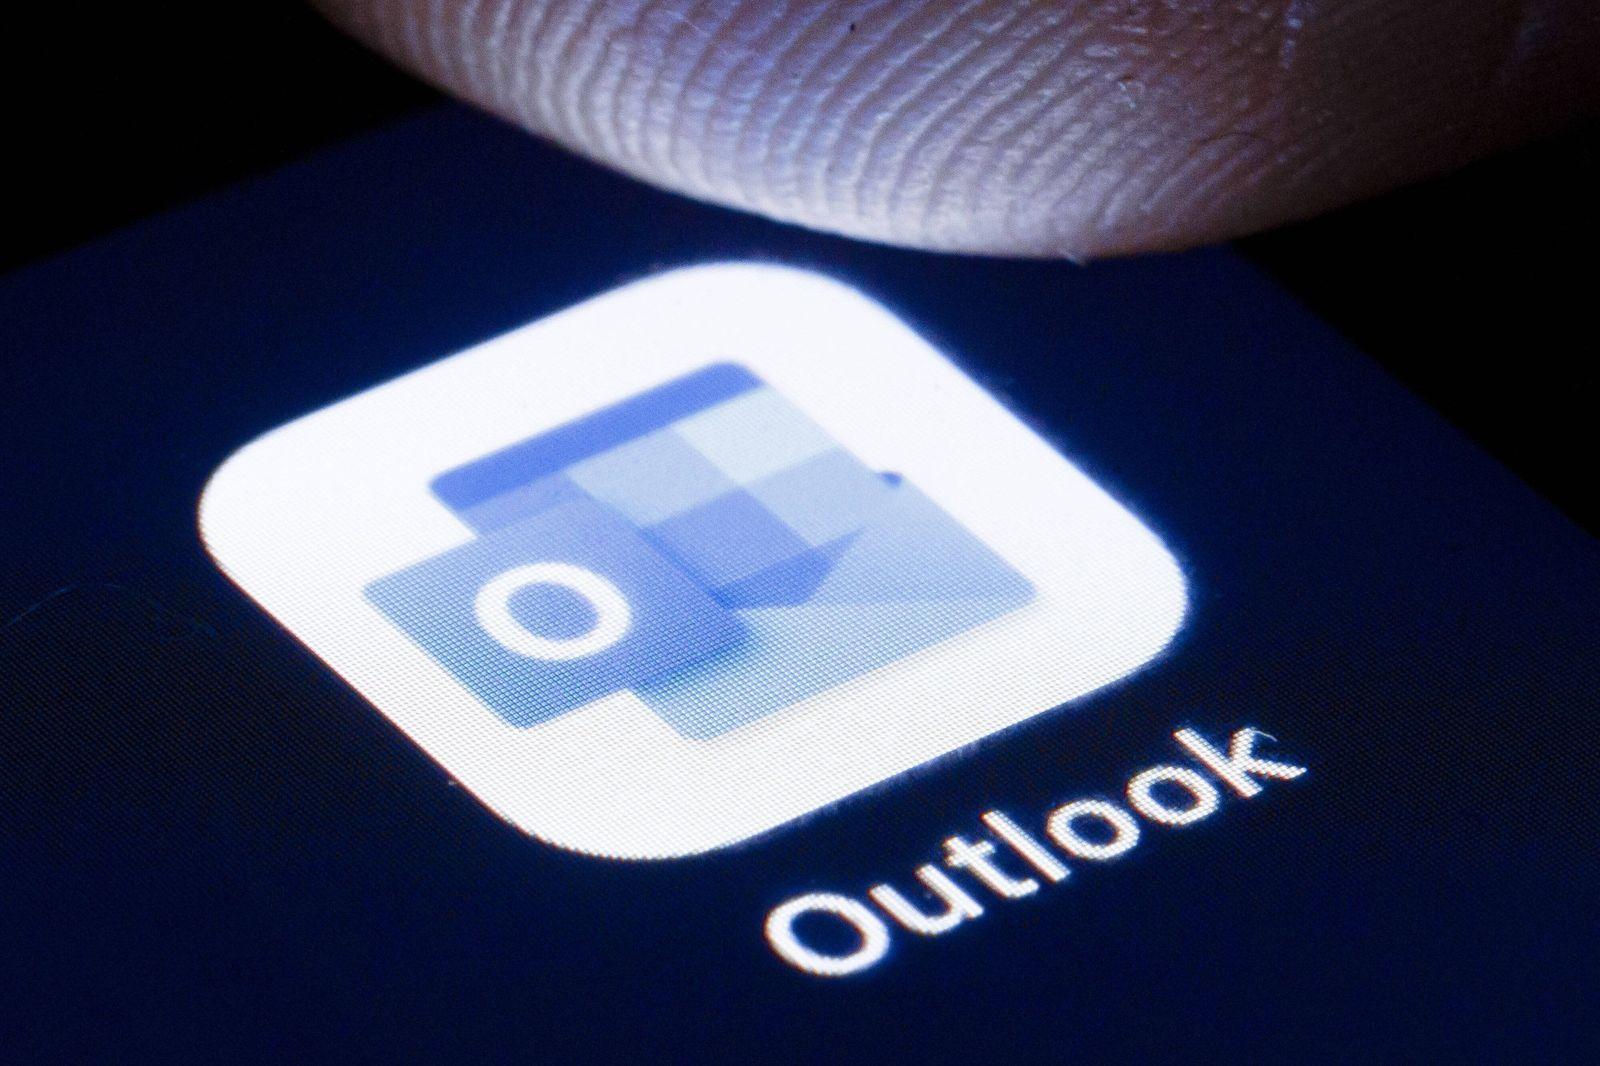 Das Logo der Software Microsoft Outlook ist auf dem Display eines Smartphone zu sehen. Berlin, 22.04.2020. Berlin Deutsc